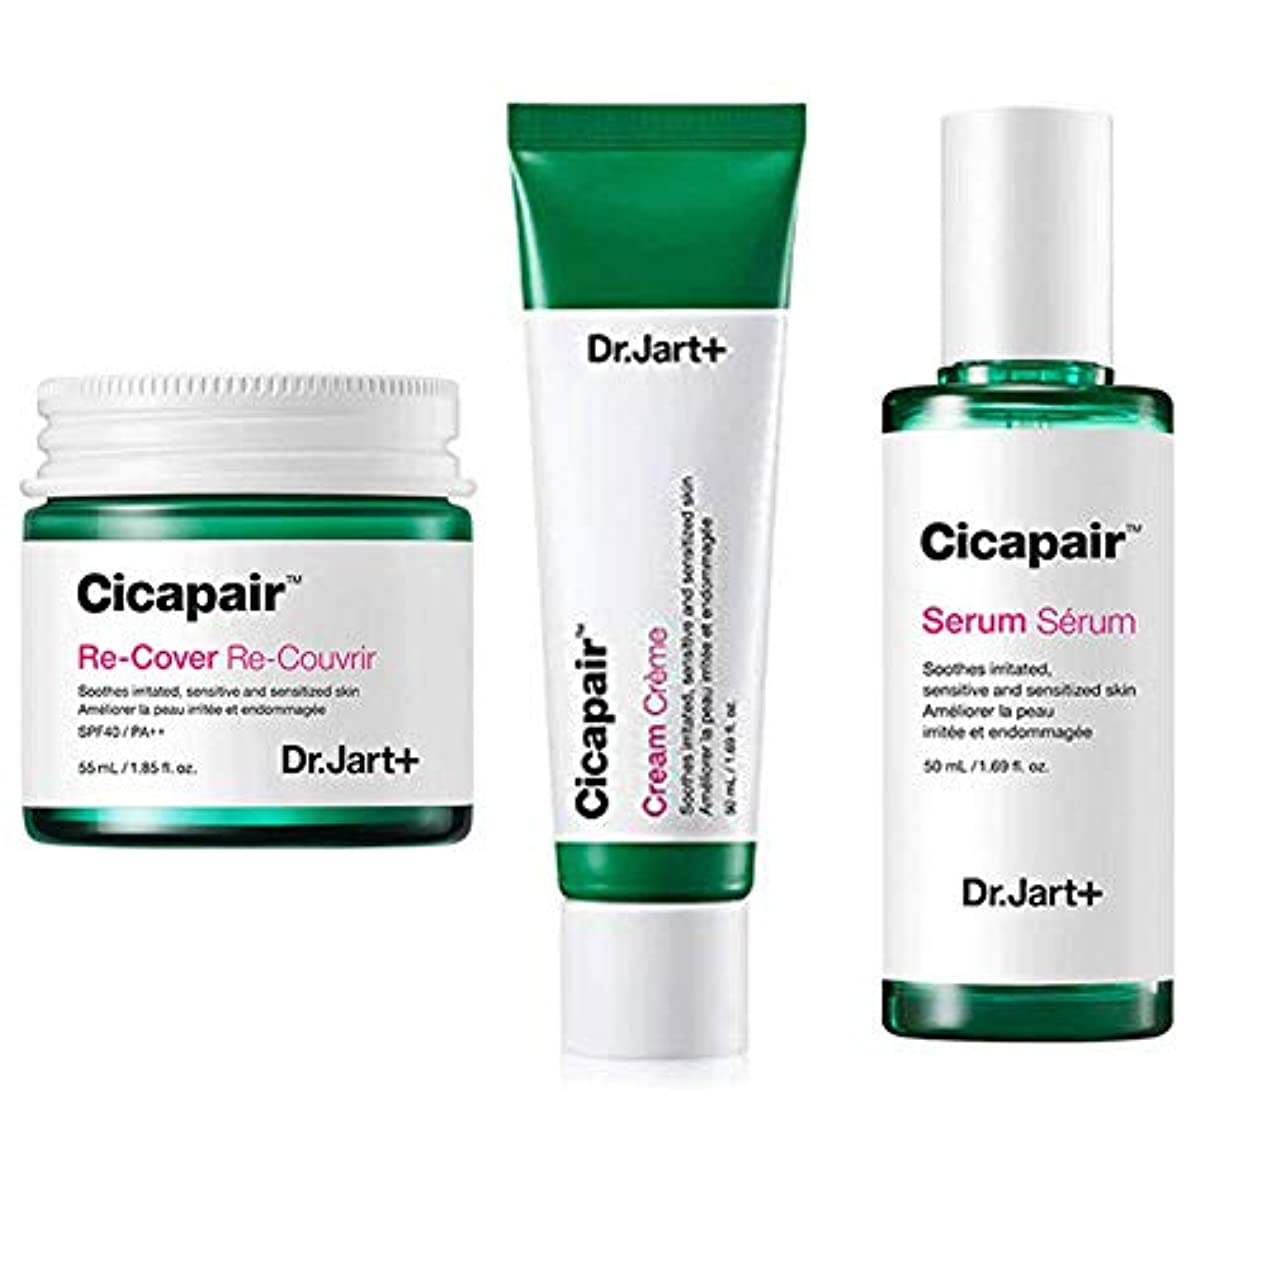 前進最大の迷彩Dr.Jart+ Cicapair Cream + ReCover + Serum ドクタージャルトシカペアクリーム50ml + リカバー 55ml + セラム 50ml(2代目) セット [並行輸入品]